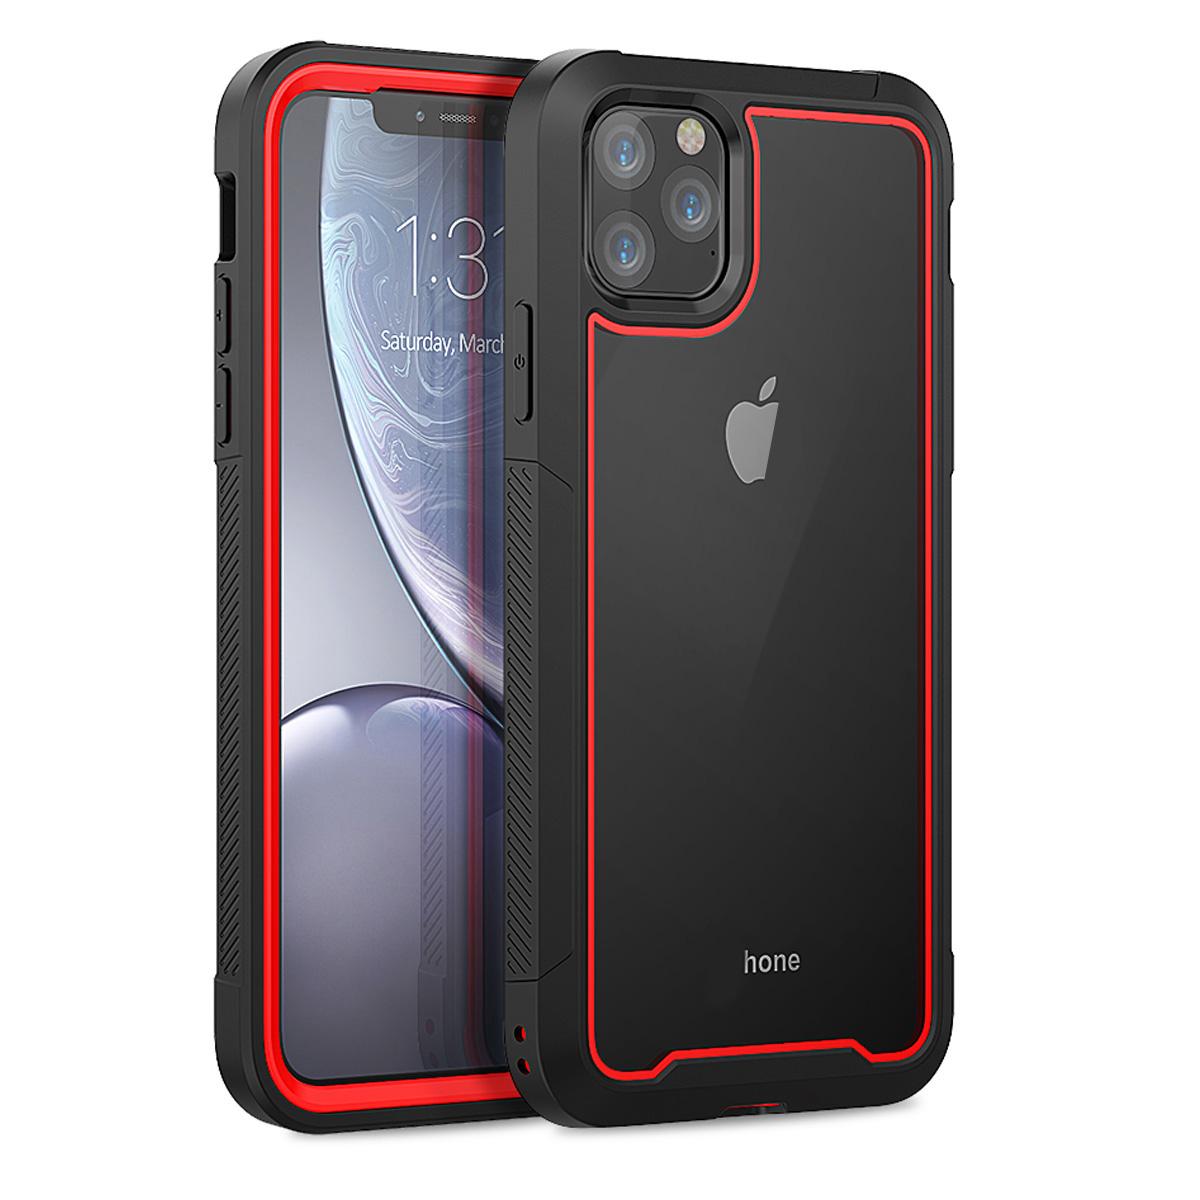 Defender Shockproof Hybrid Bumper Case Cover For Apple